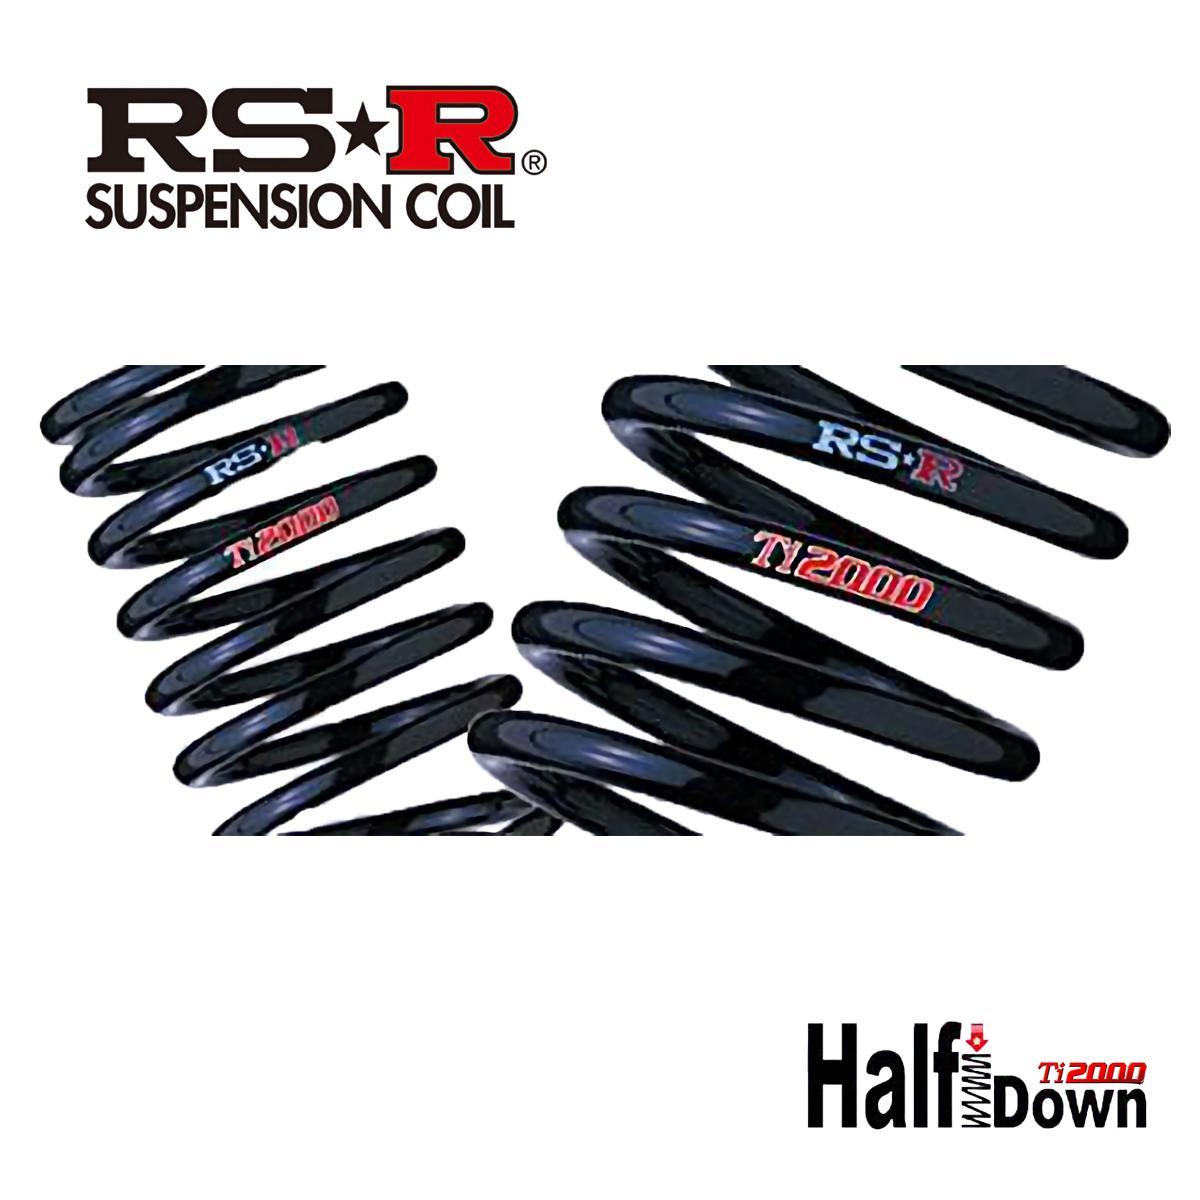 RS-R IS200t Fスポーツ ASE30 ダウンサス スプリング 1台分 T195THD Ti2000 ハーフダウン RSR 個人宅発送追金有